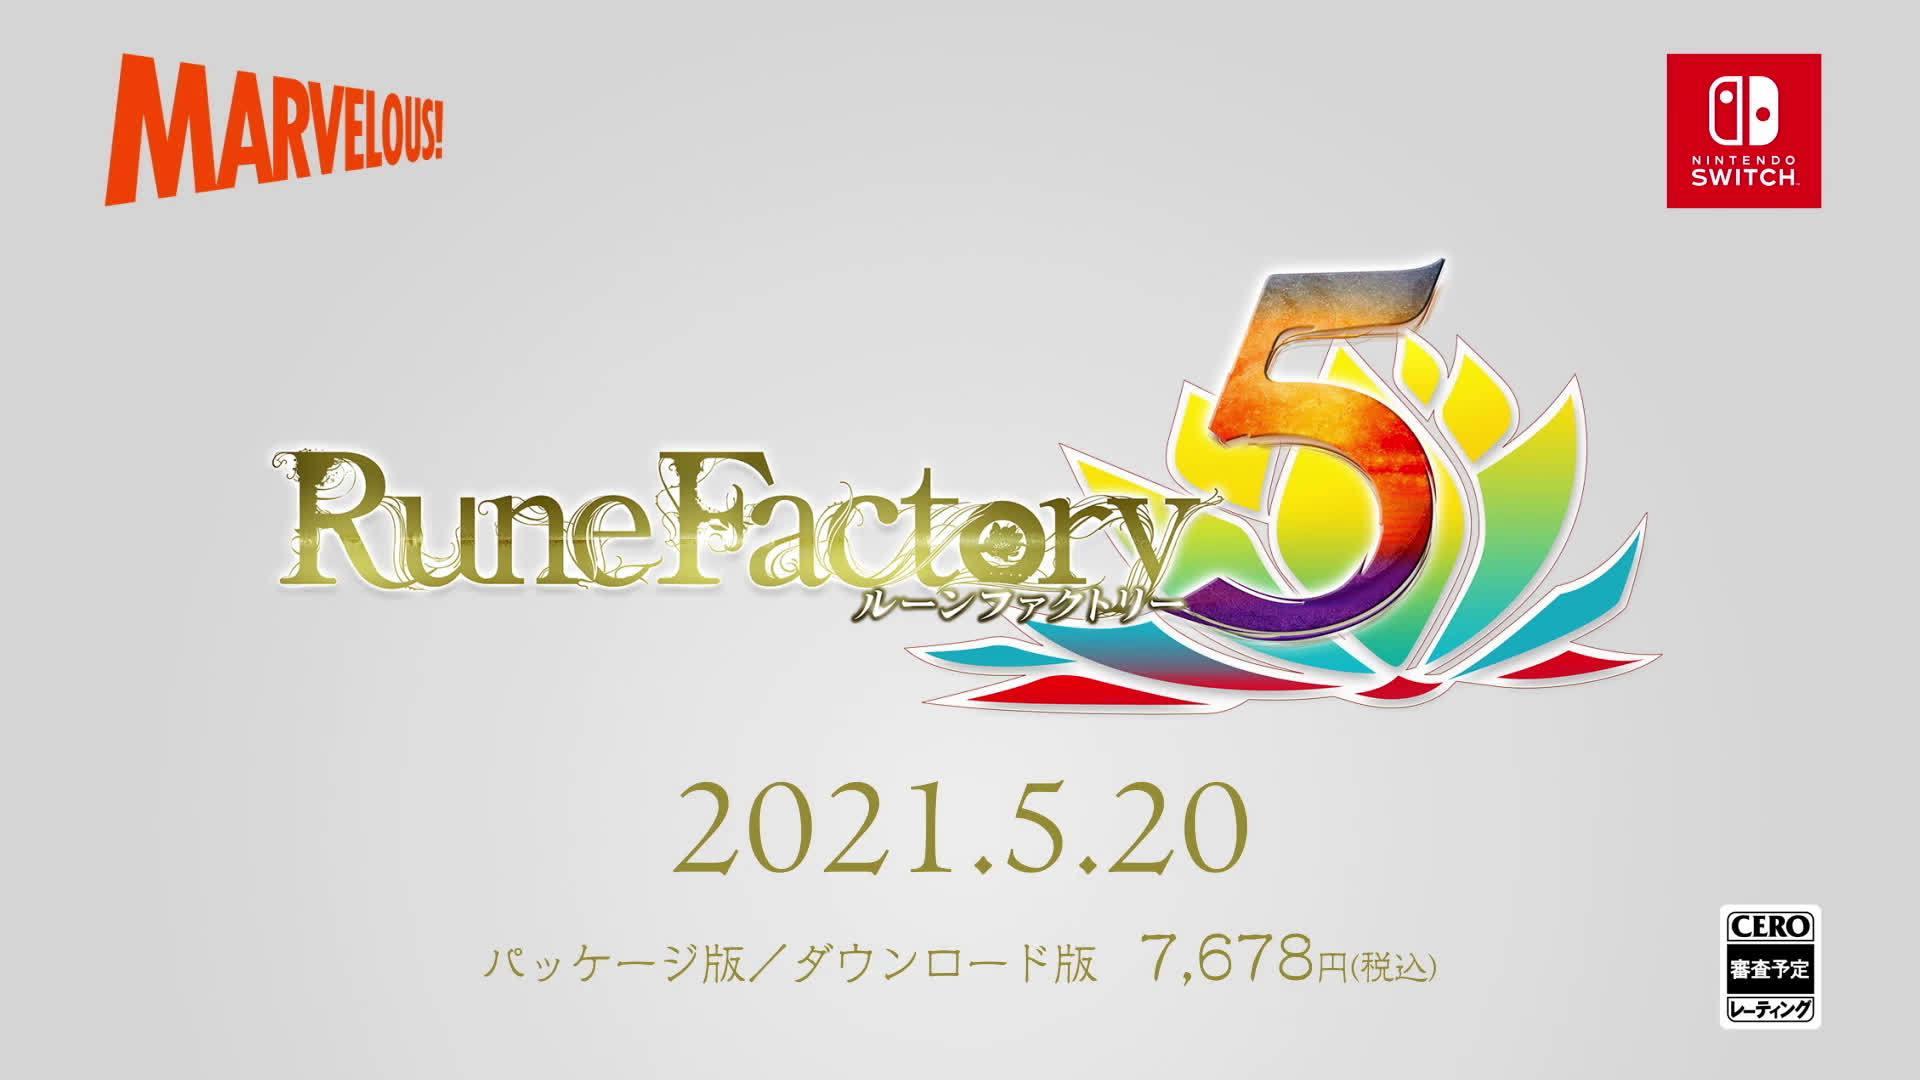 《符文工房 5》新预告,日版5月20日发售,实体限定版公布